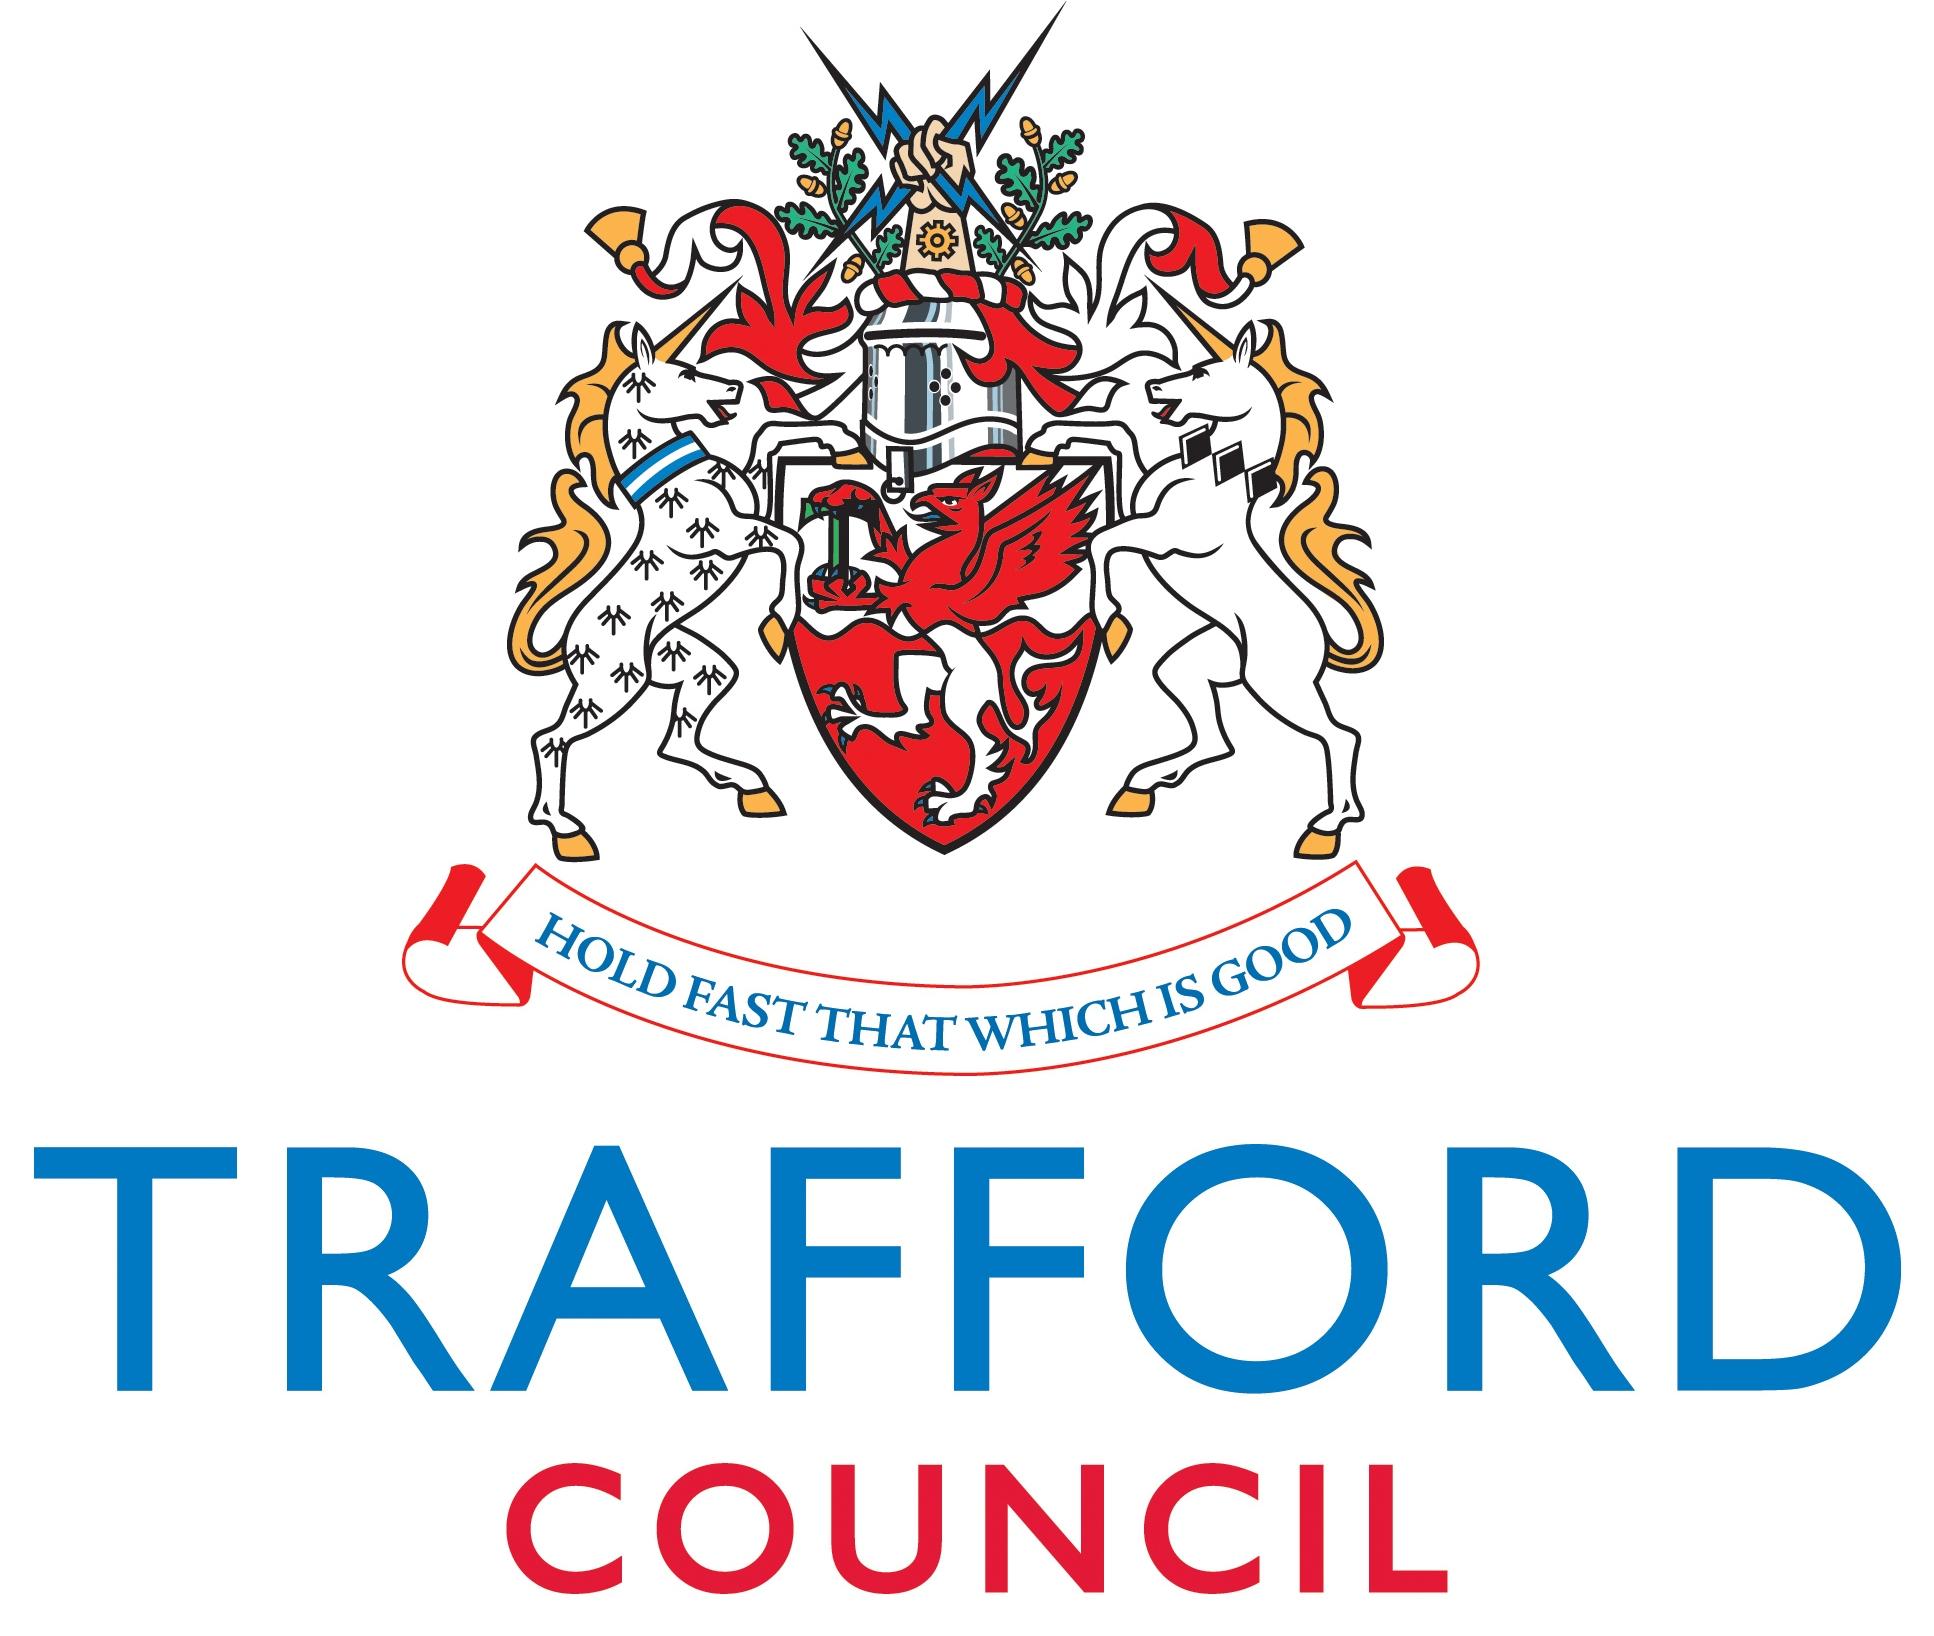 trafford servicepage